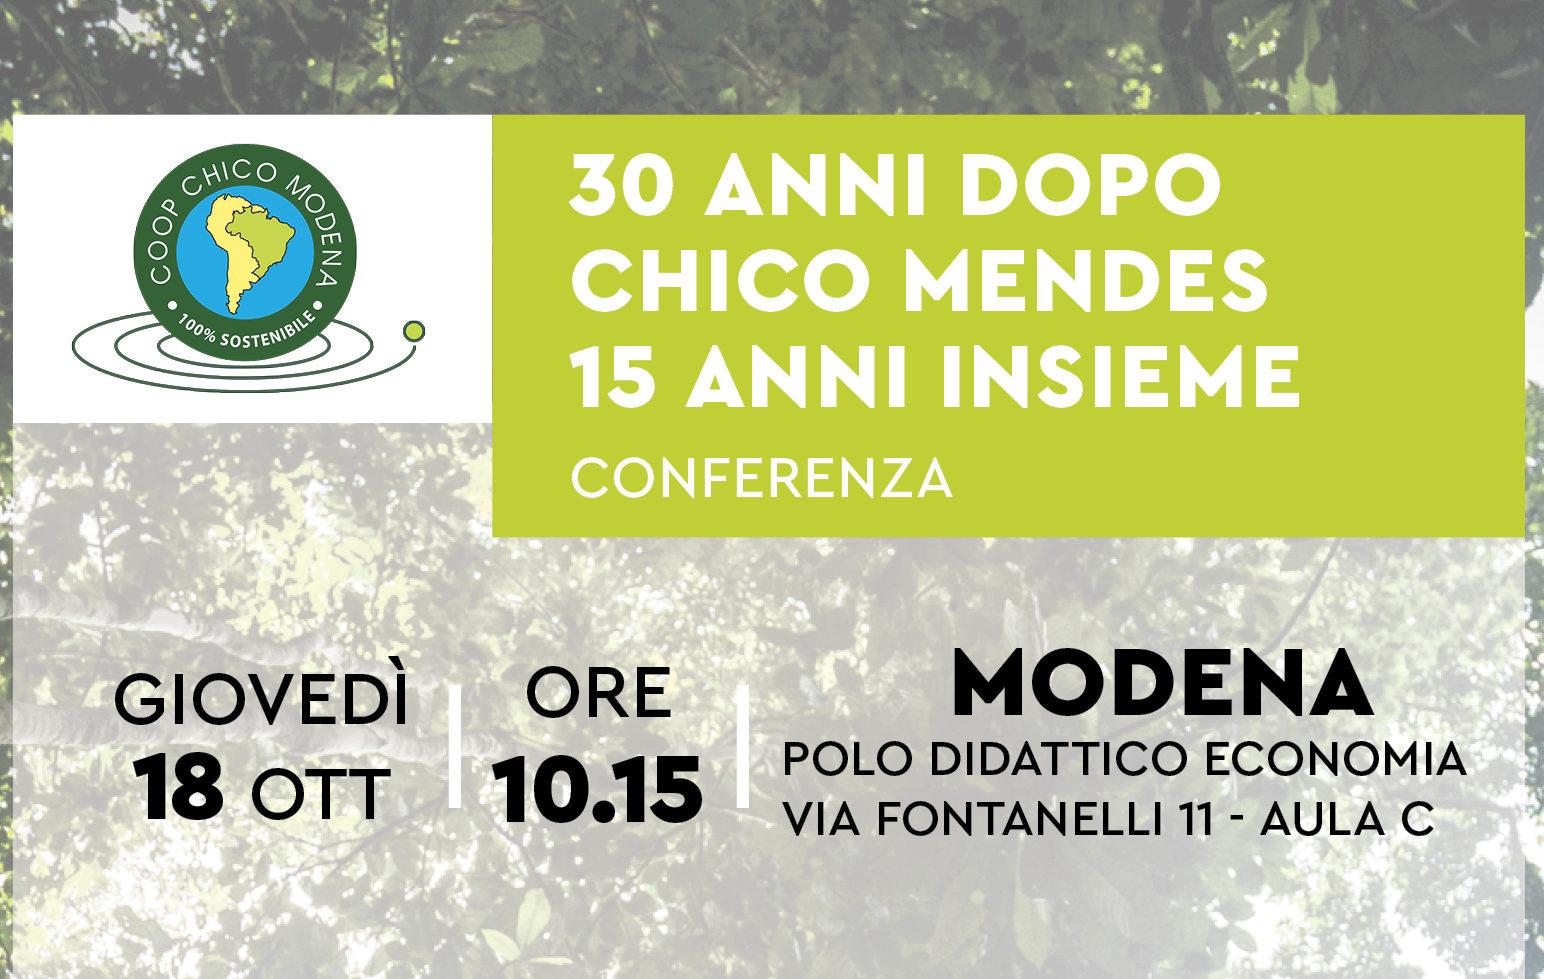 Coop Chico Mendes Modena presenta: 30 anni dopo Chico Mendes, 15 anni insieme